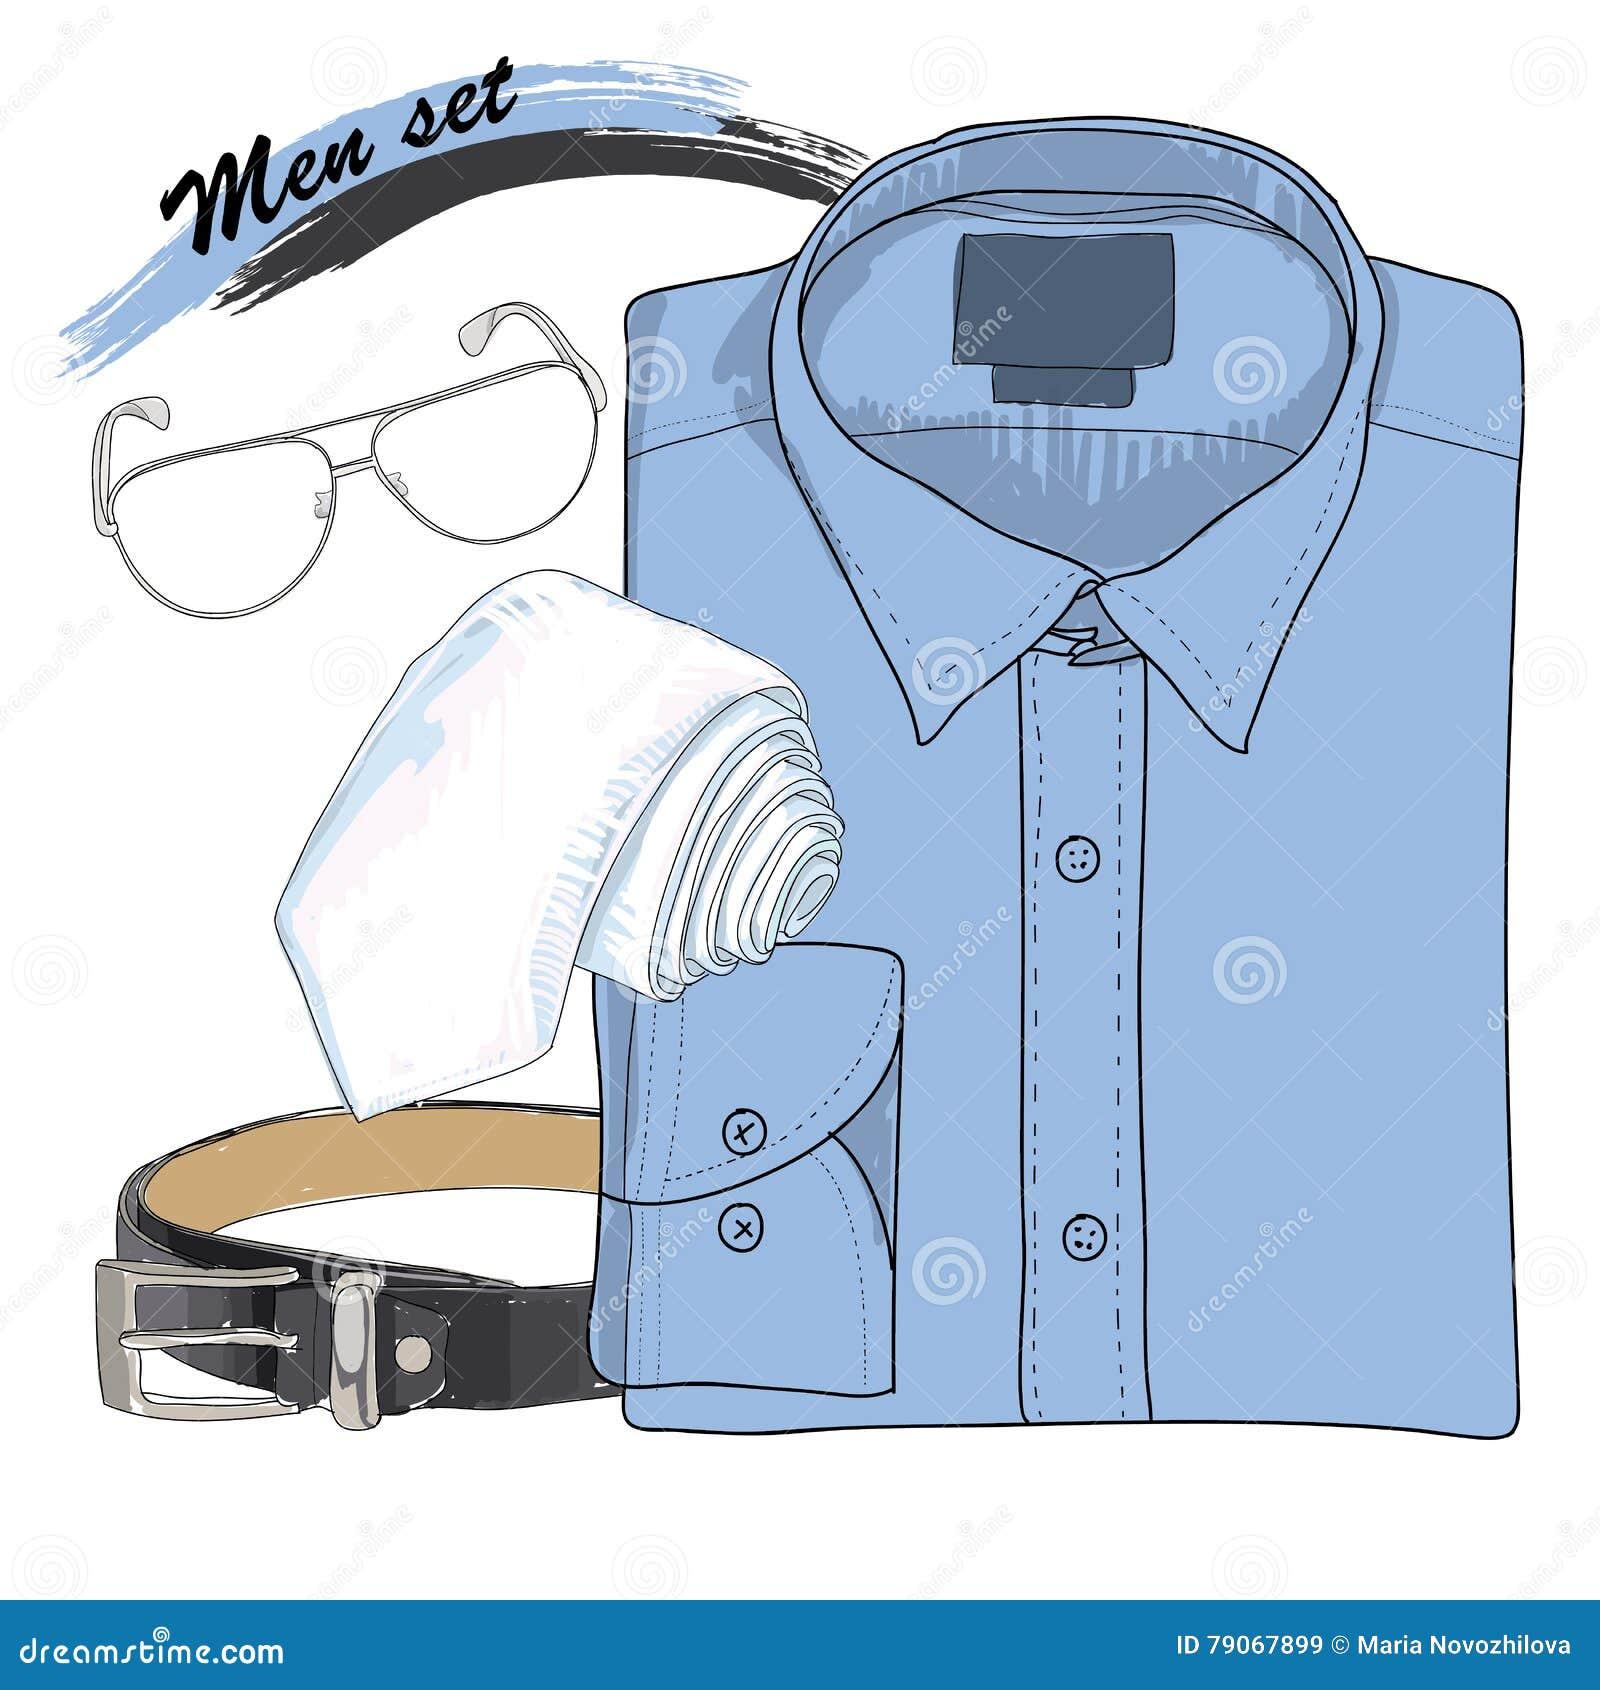 Het Overhemd.Getrokken Illustratie Van Hand Het Overhemd Van De